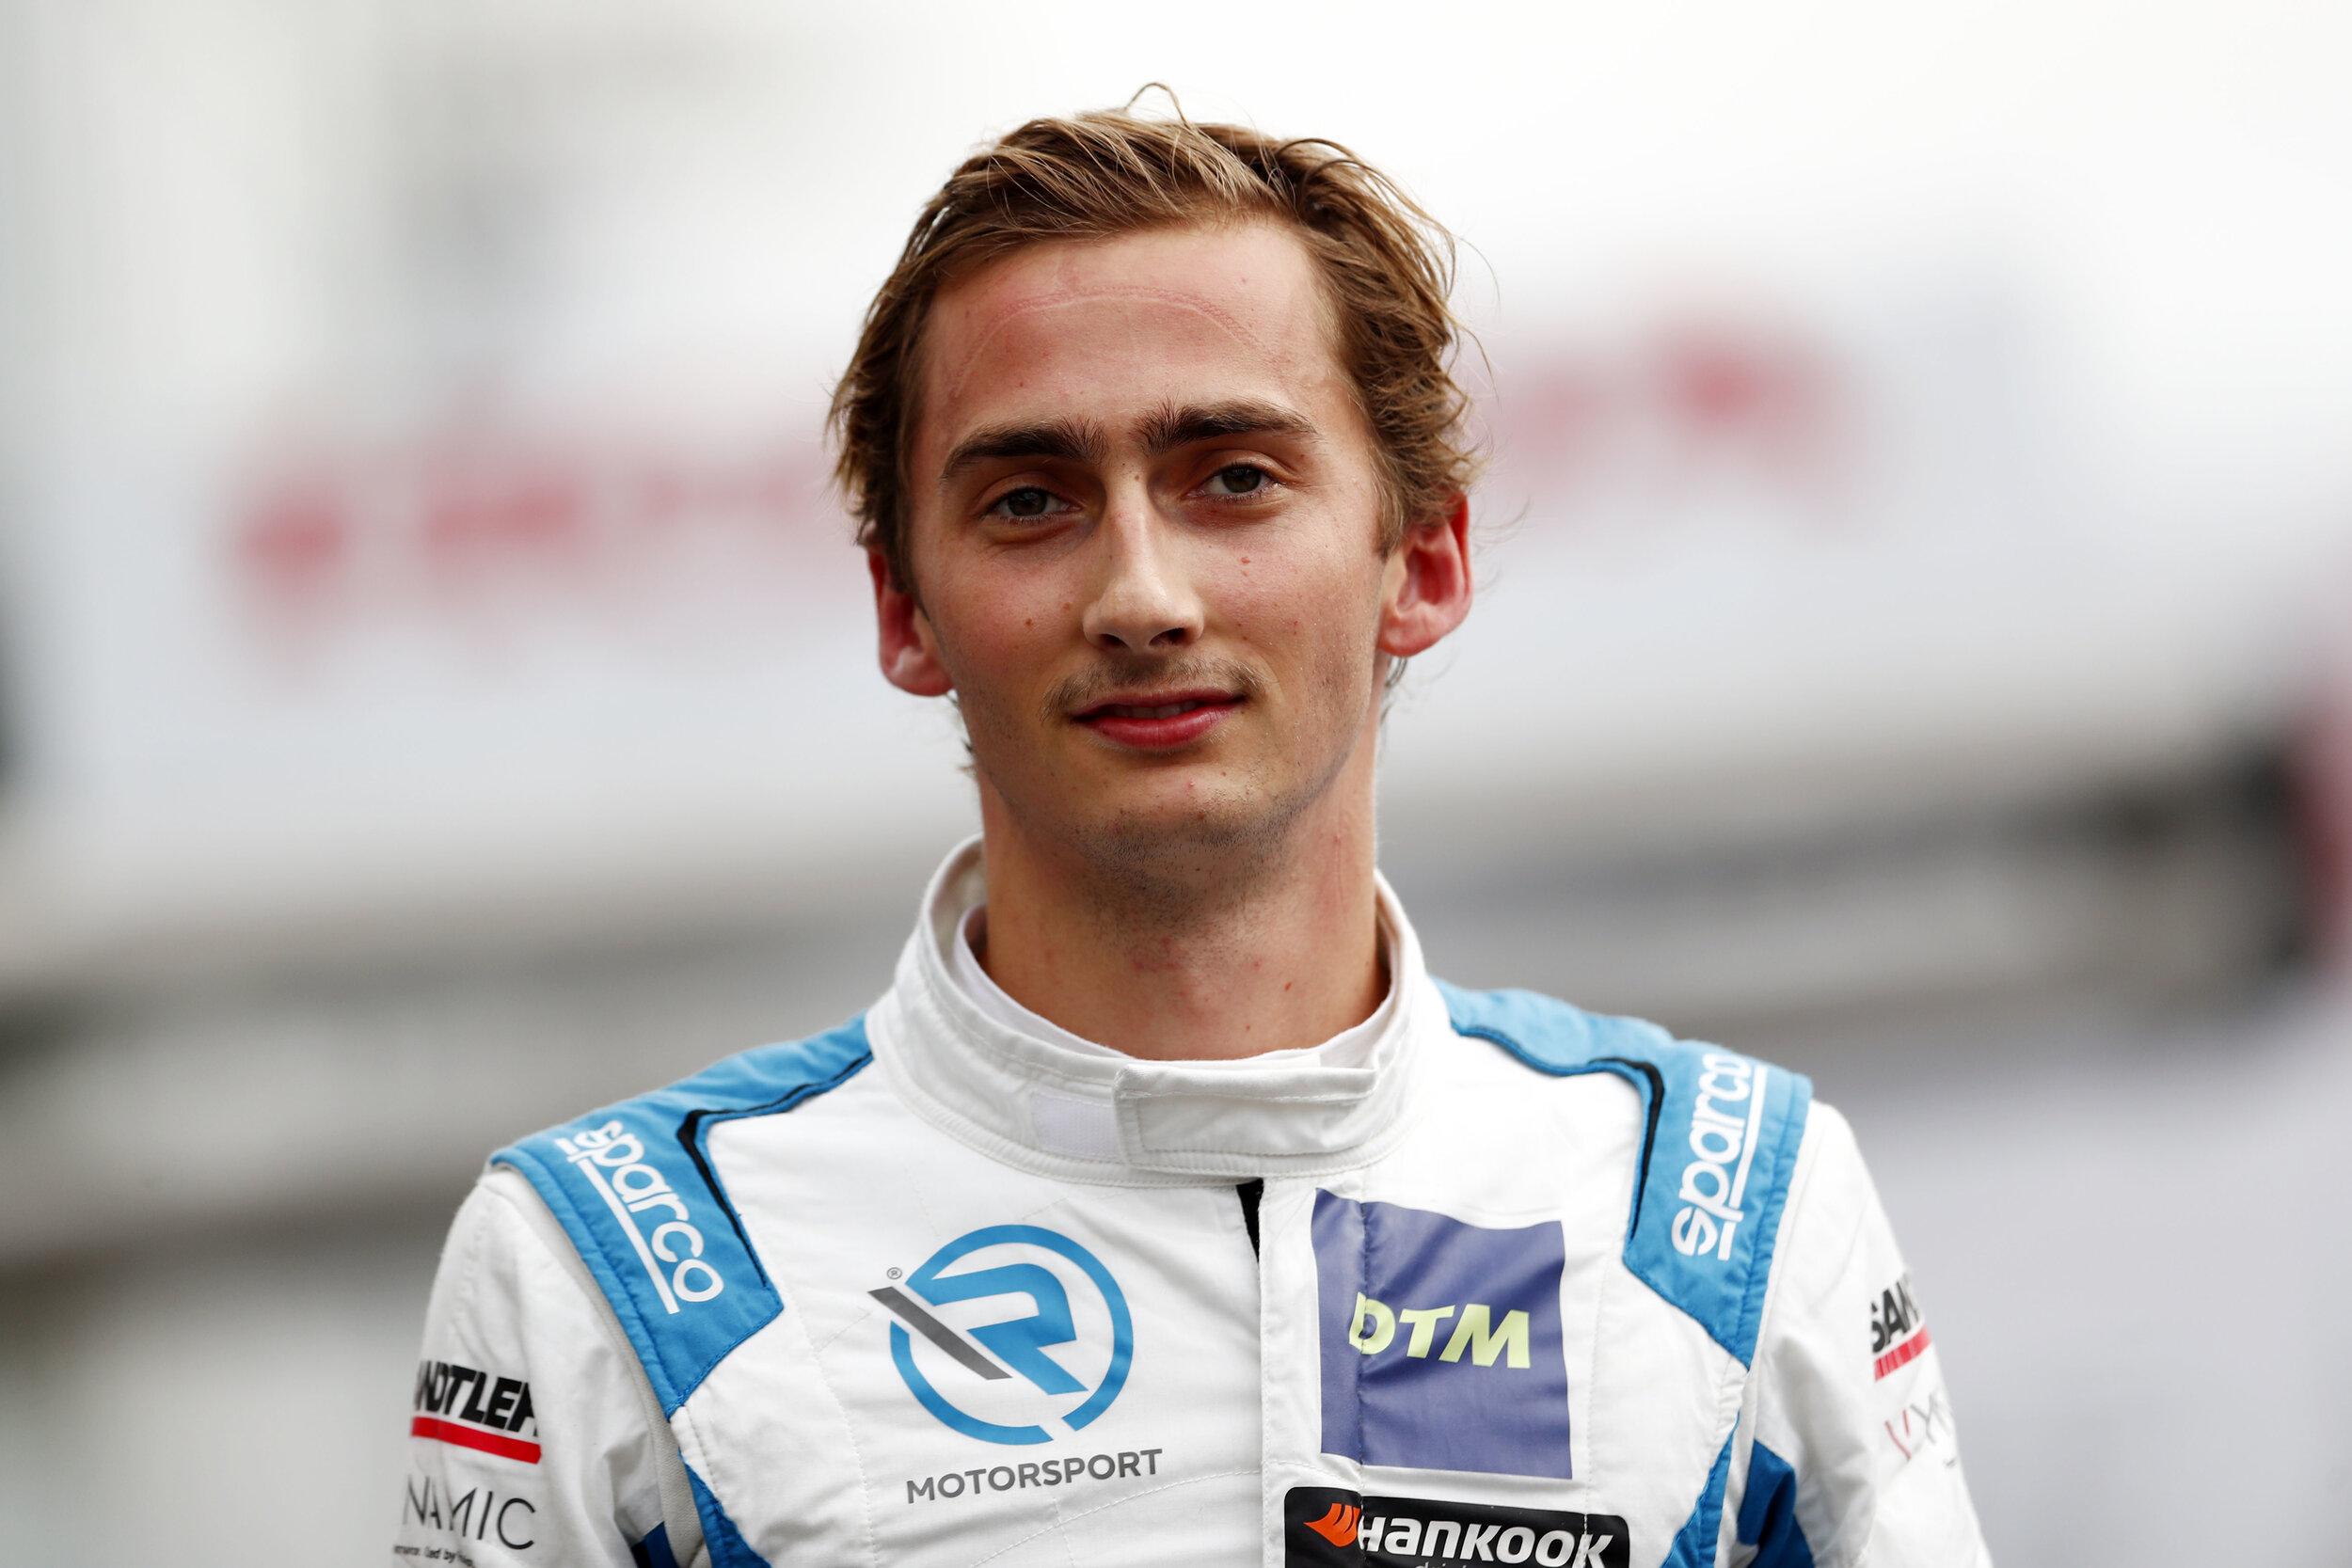 Ferdinand Zvonimir Habsburg-Lothringen ging 2019 bei der DTM an den Start. Die Saison schloss der 22-Jährige als Letztplatzierter ab.  © picture alliance/HOCH ZWEI